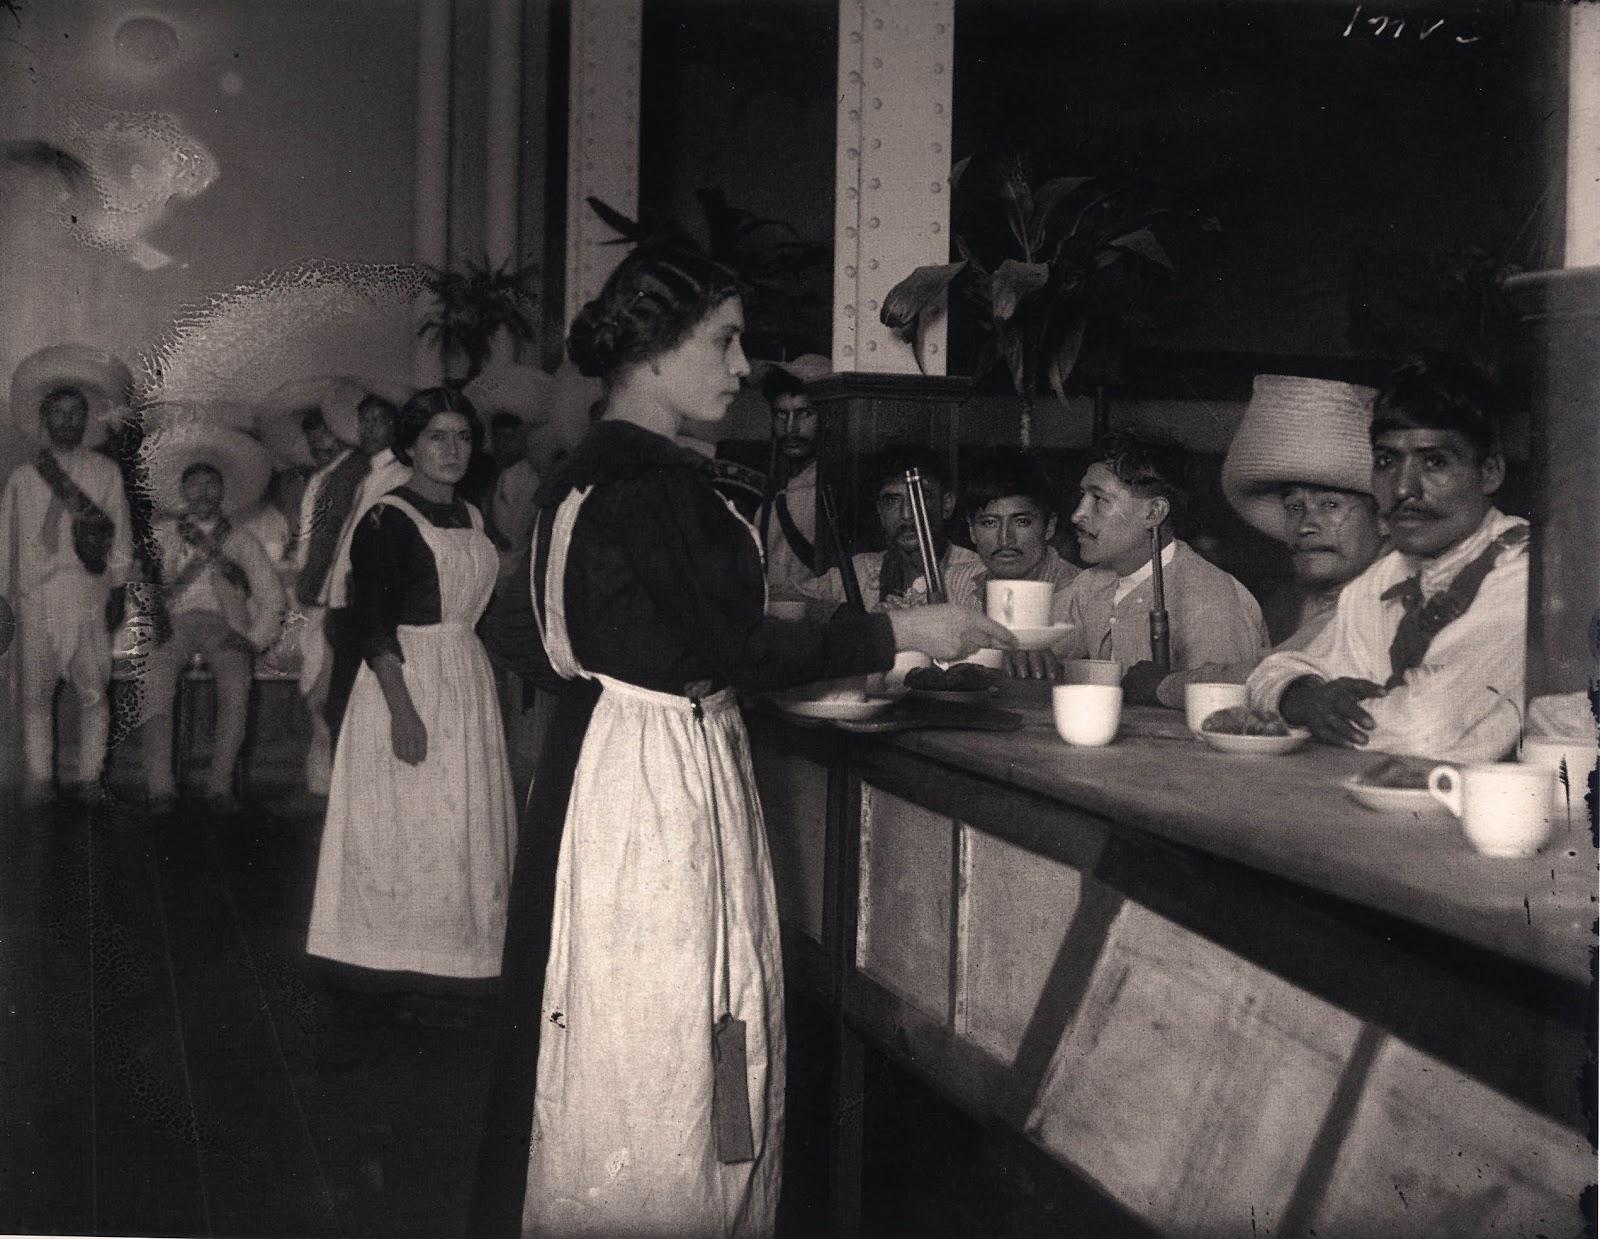 Chilaquiles y pancho villa una hoguera para que arda goya for Azulejos zapata en el algar